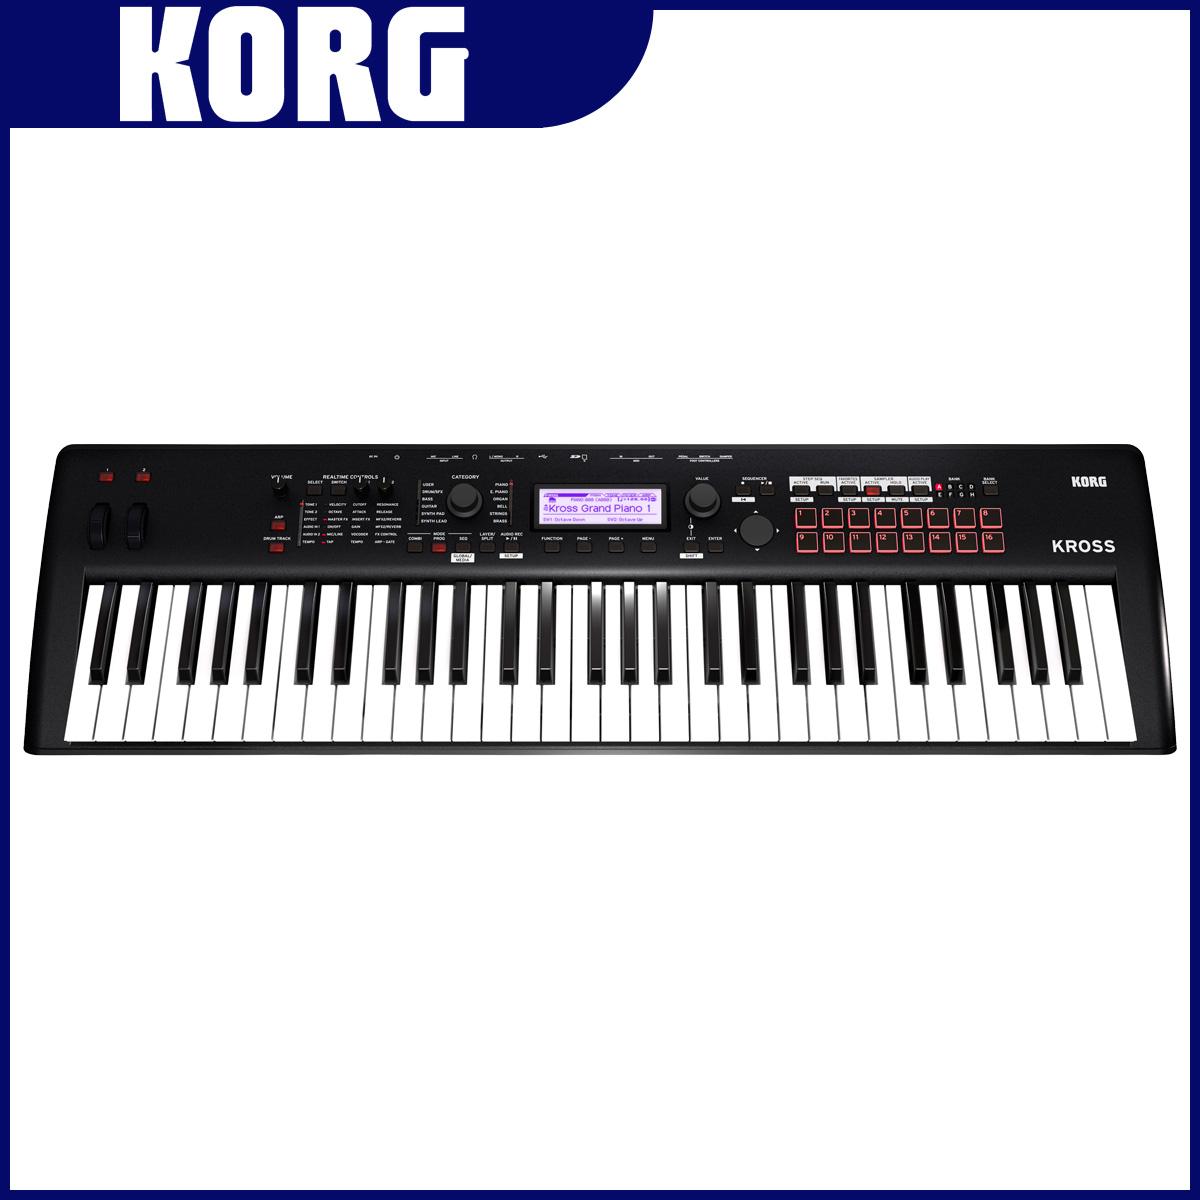 【在庫あり】KORG コルグ / KROSS2-61 MB ワークステーションシンセサイザー マットブラック【YRK】